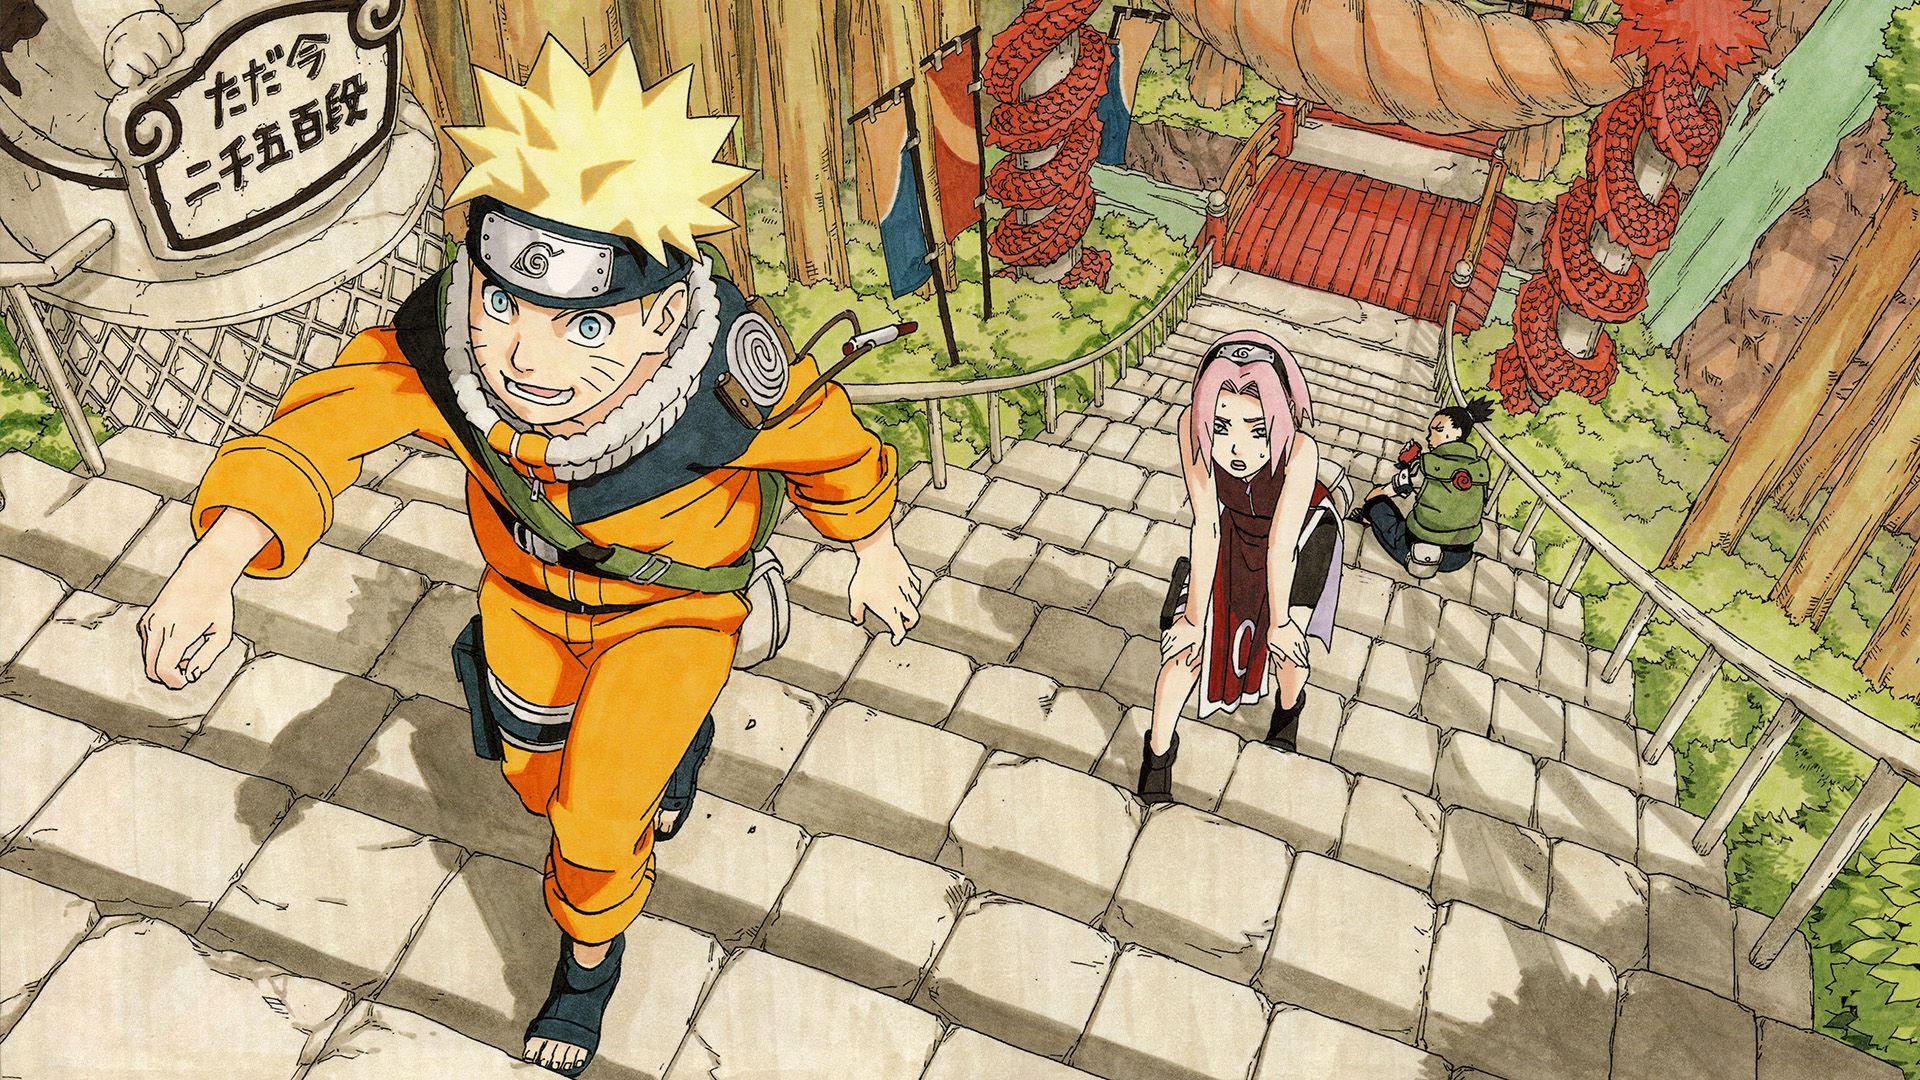 58061 Naruto Jpg 1920 1080 Naruto Imagens De Naruto Anime Naruto